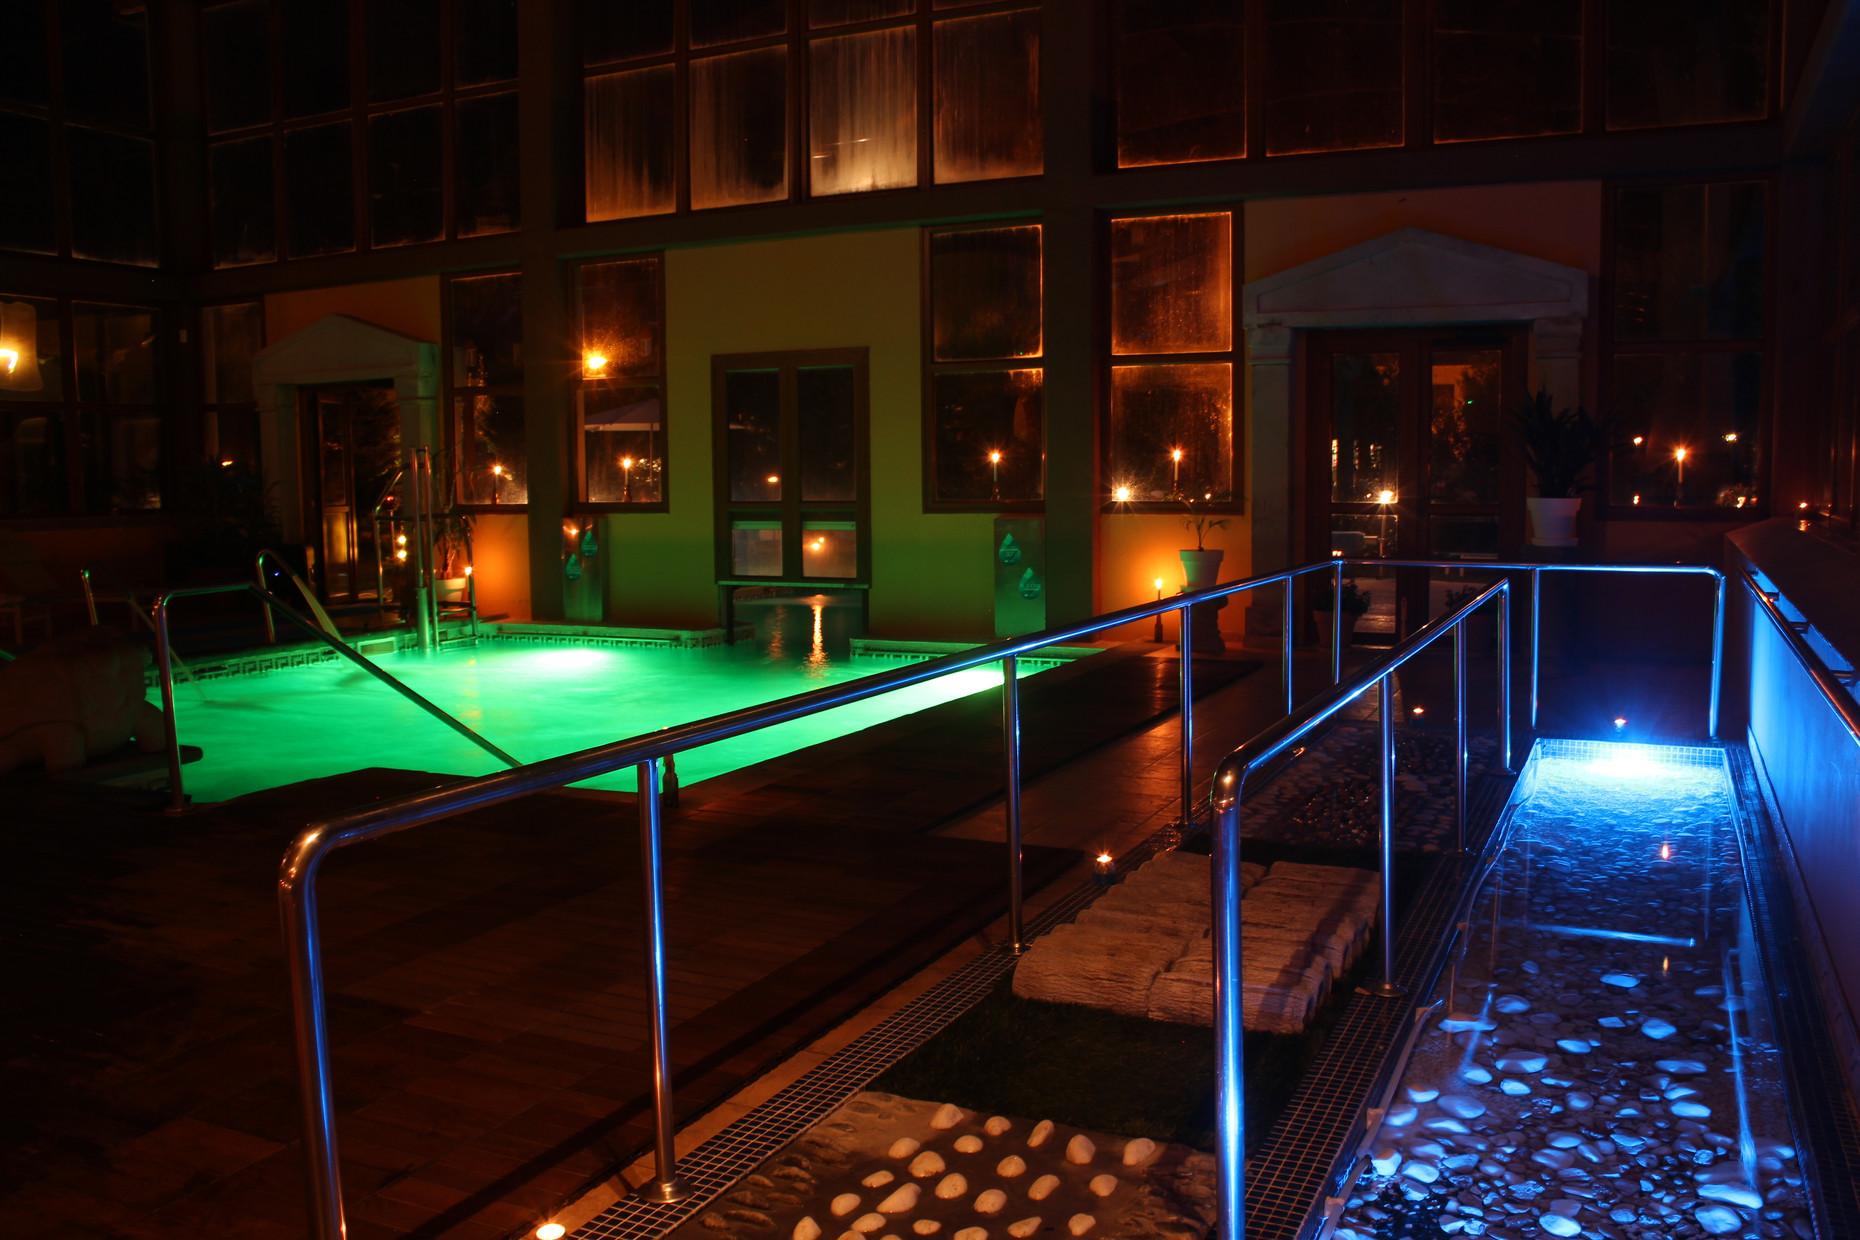 piscina interior nocturna